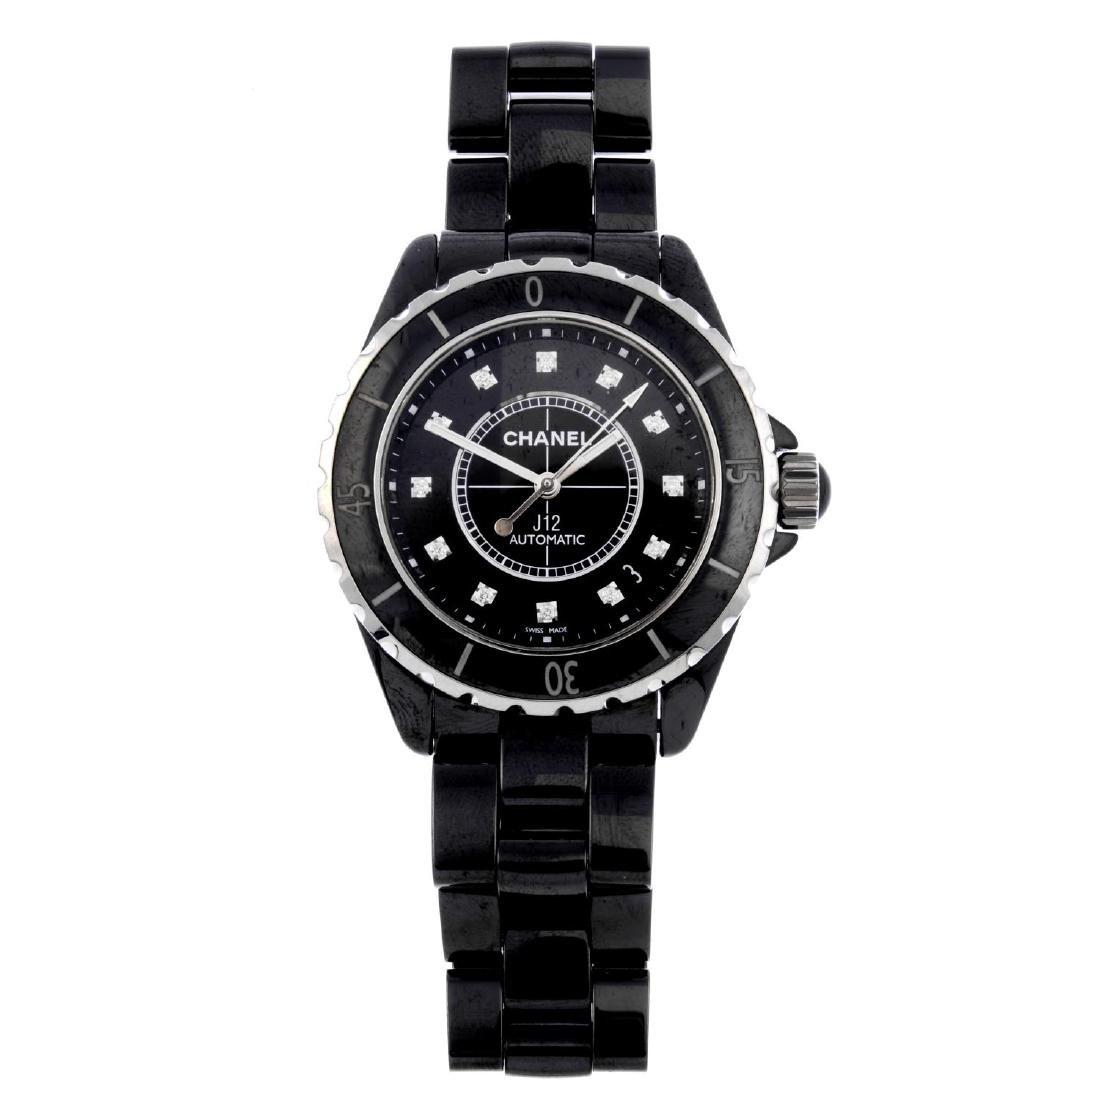 CHANEL - a lady's J12 bracelet watch. Black ceramic